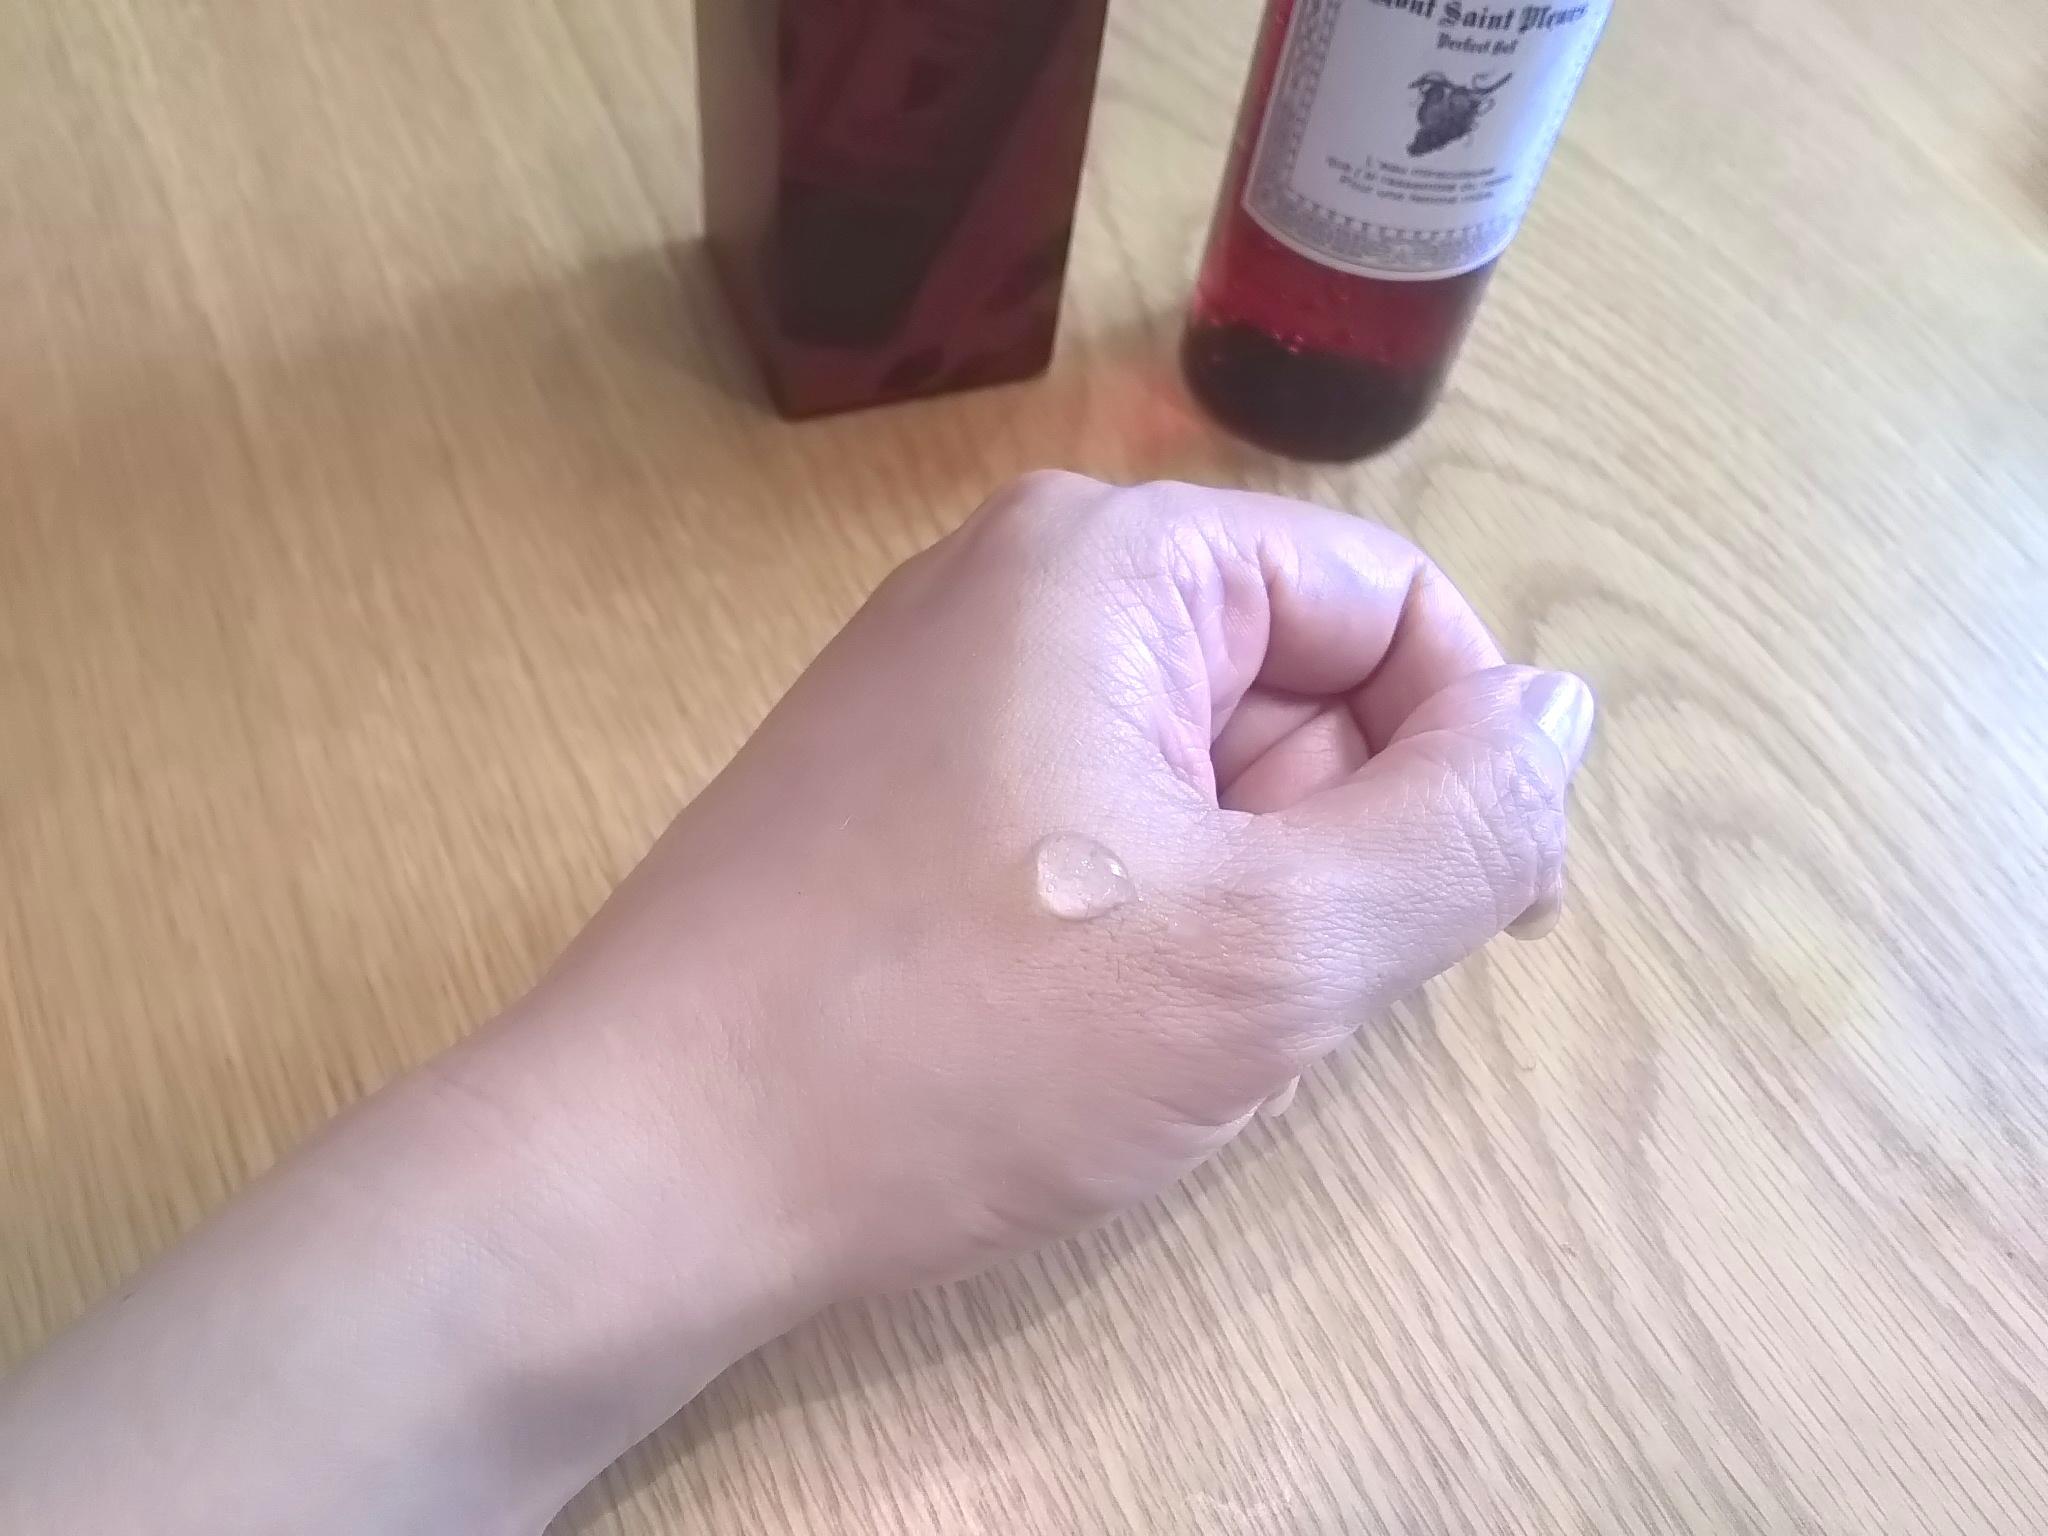 葡萄樹液ジェル 効果